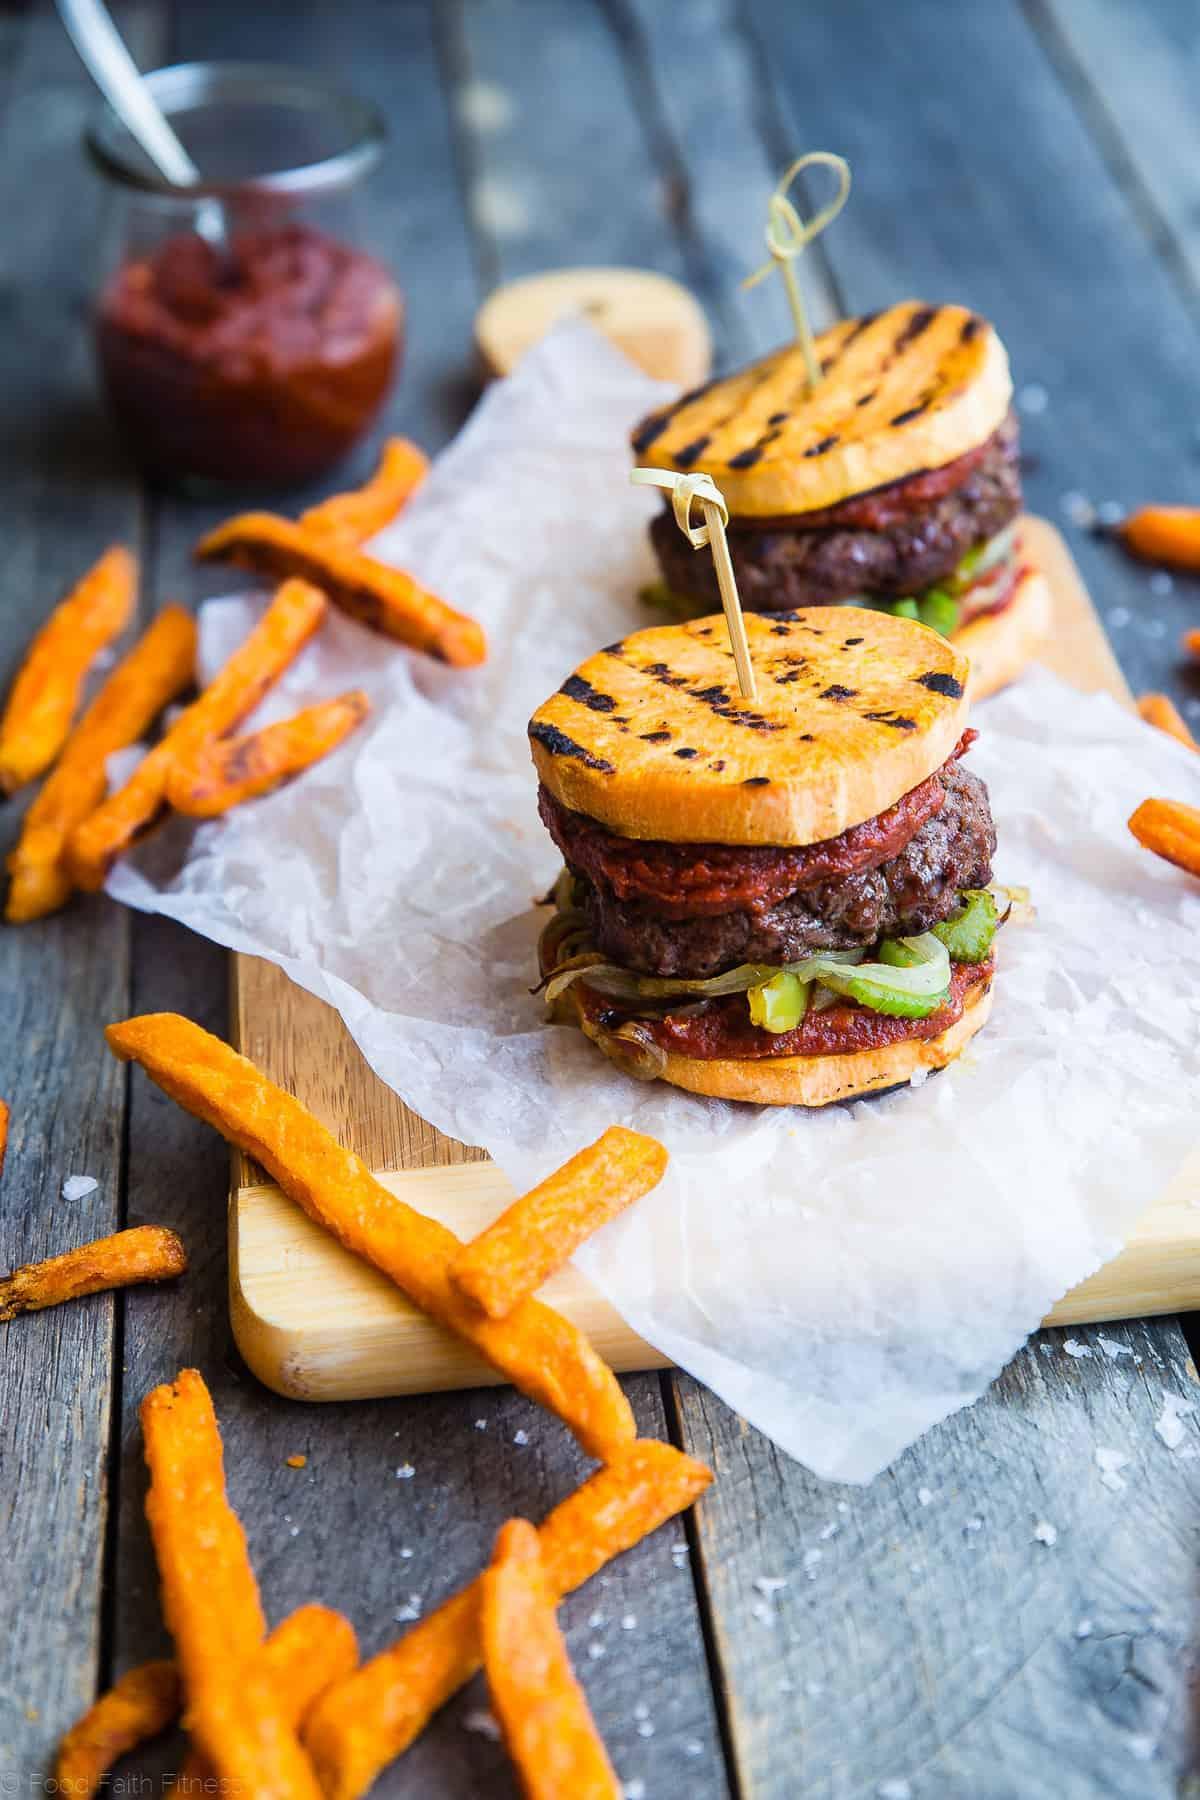 sweet potato bun cajun burger on a meat serving block with fries